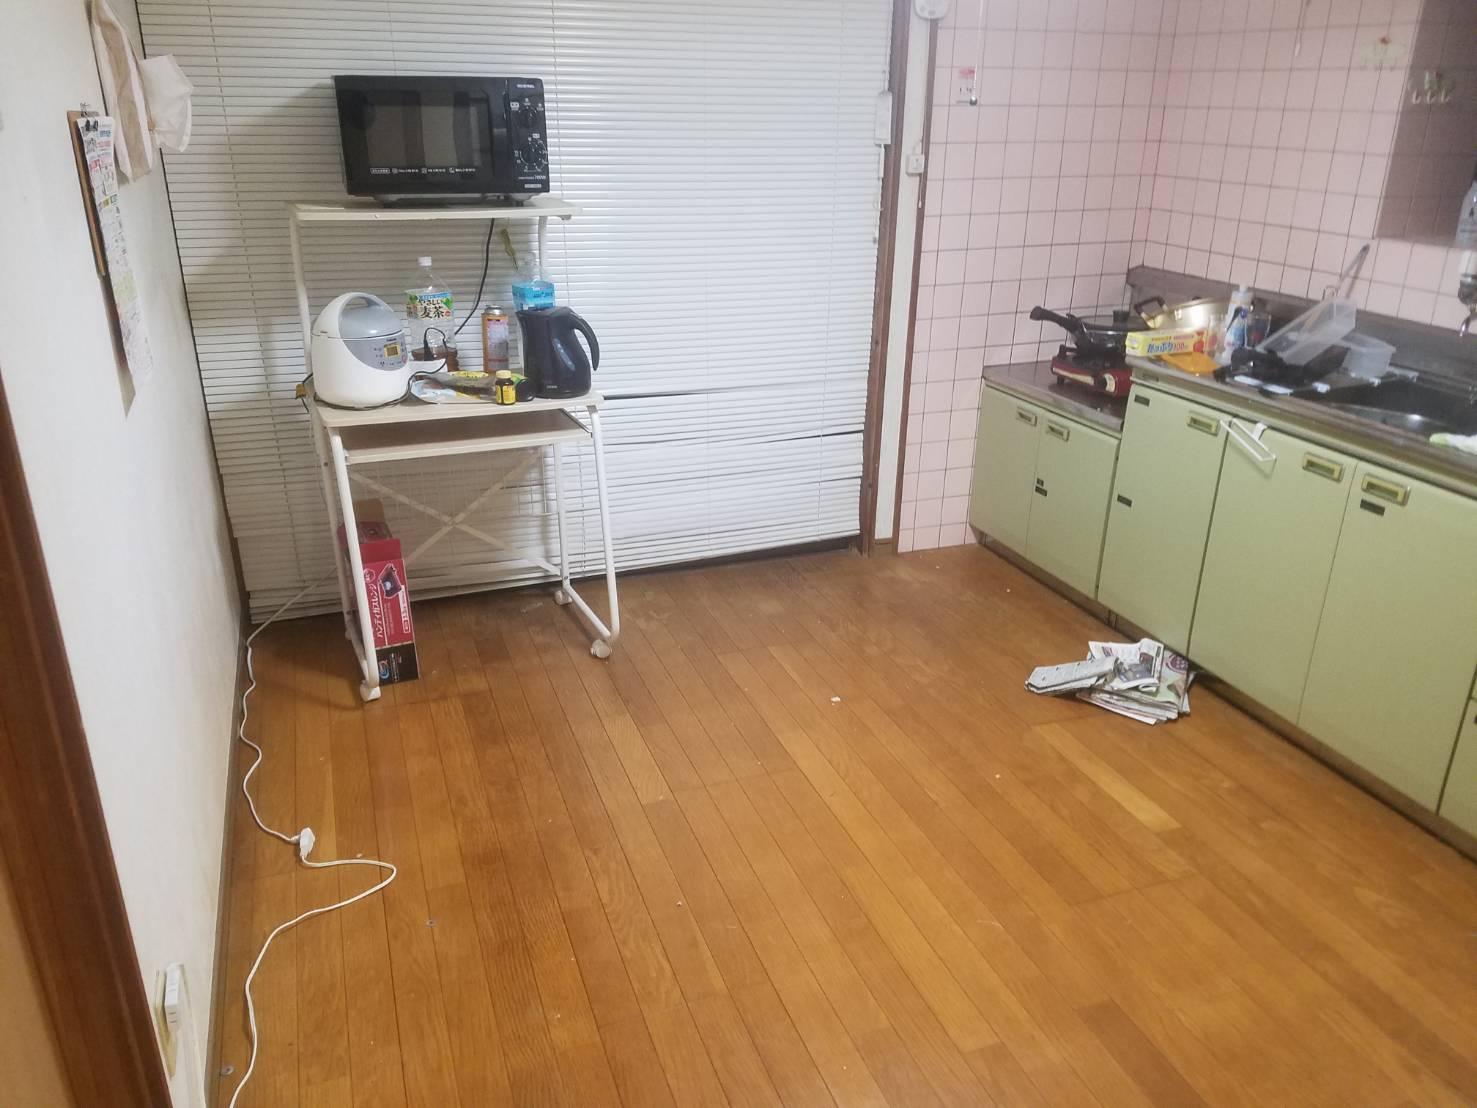 ゴミ箱、ダイニングテーブル 、椅子の回収後